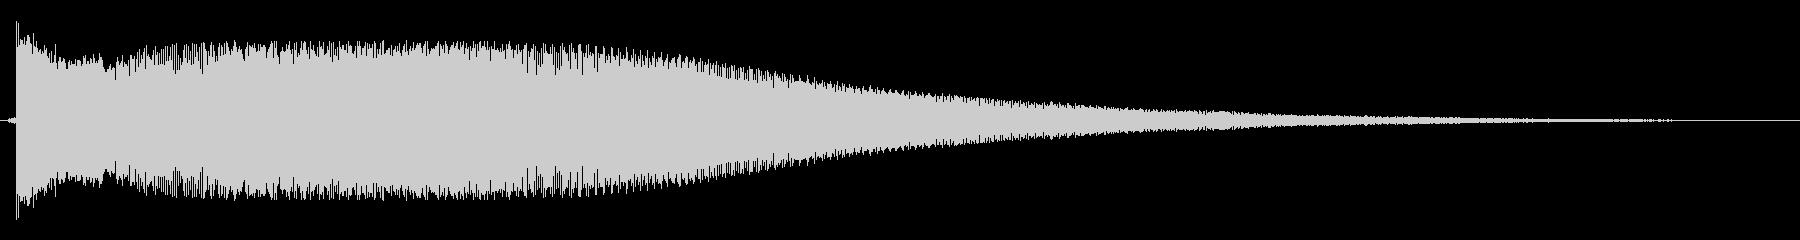 ピヨヨヨョ〜ン(残念な時の効果音)の未再生の波形